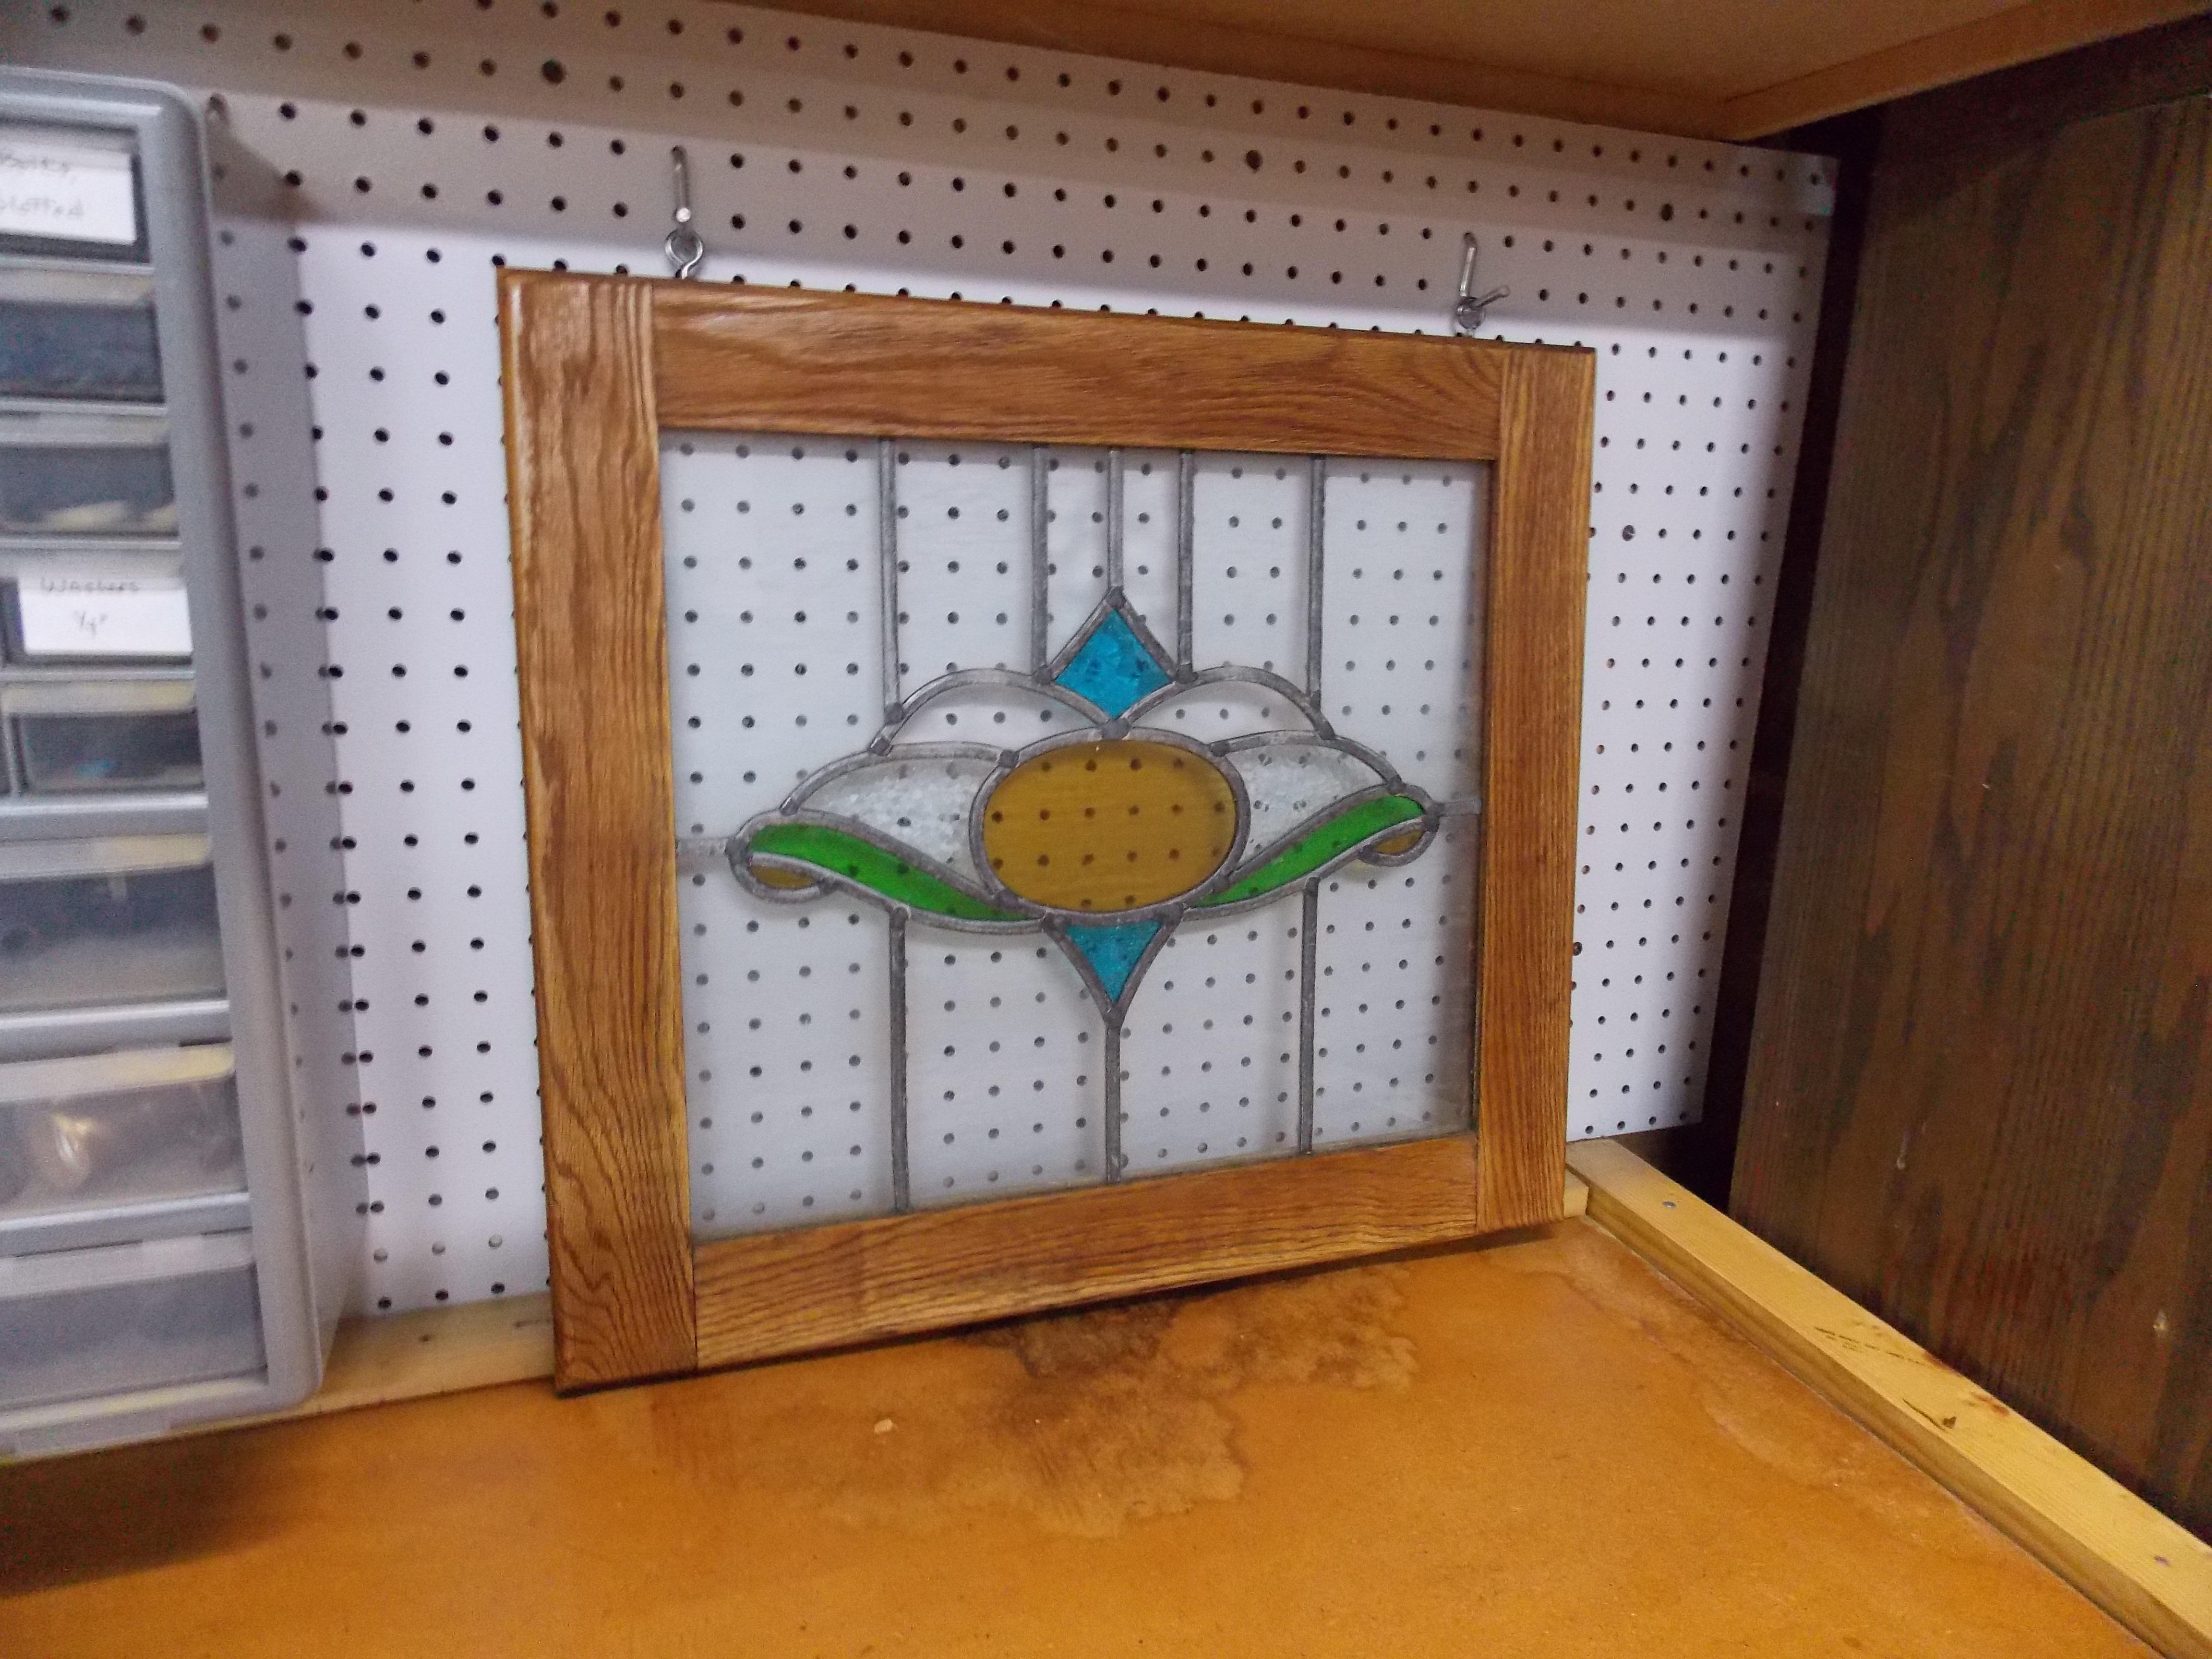 Oak-Framed Stained Glass Window in Wood Shop